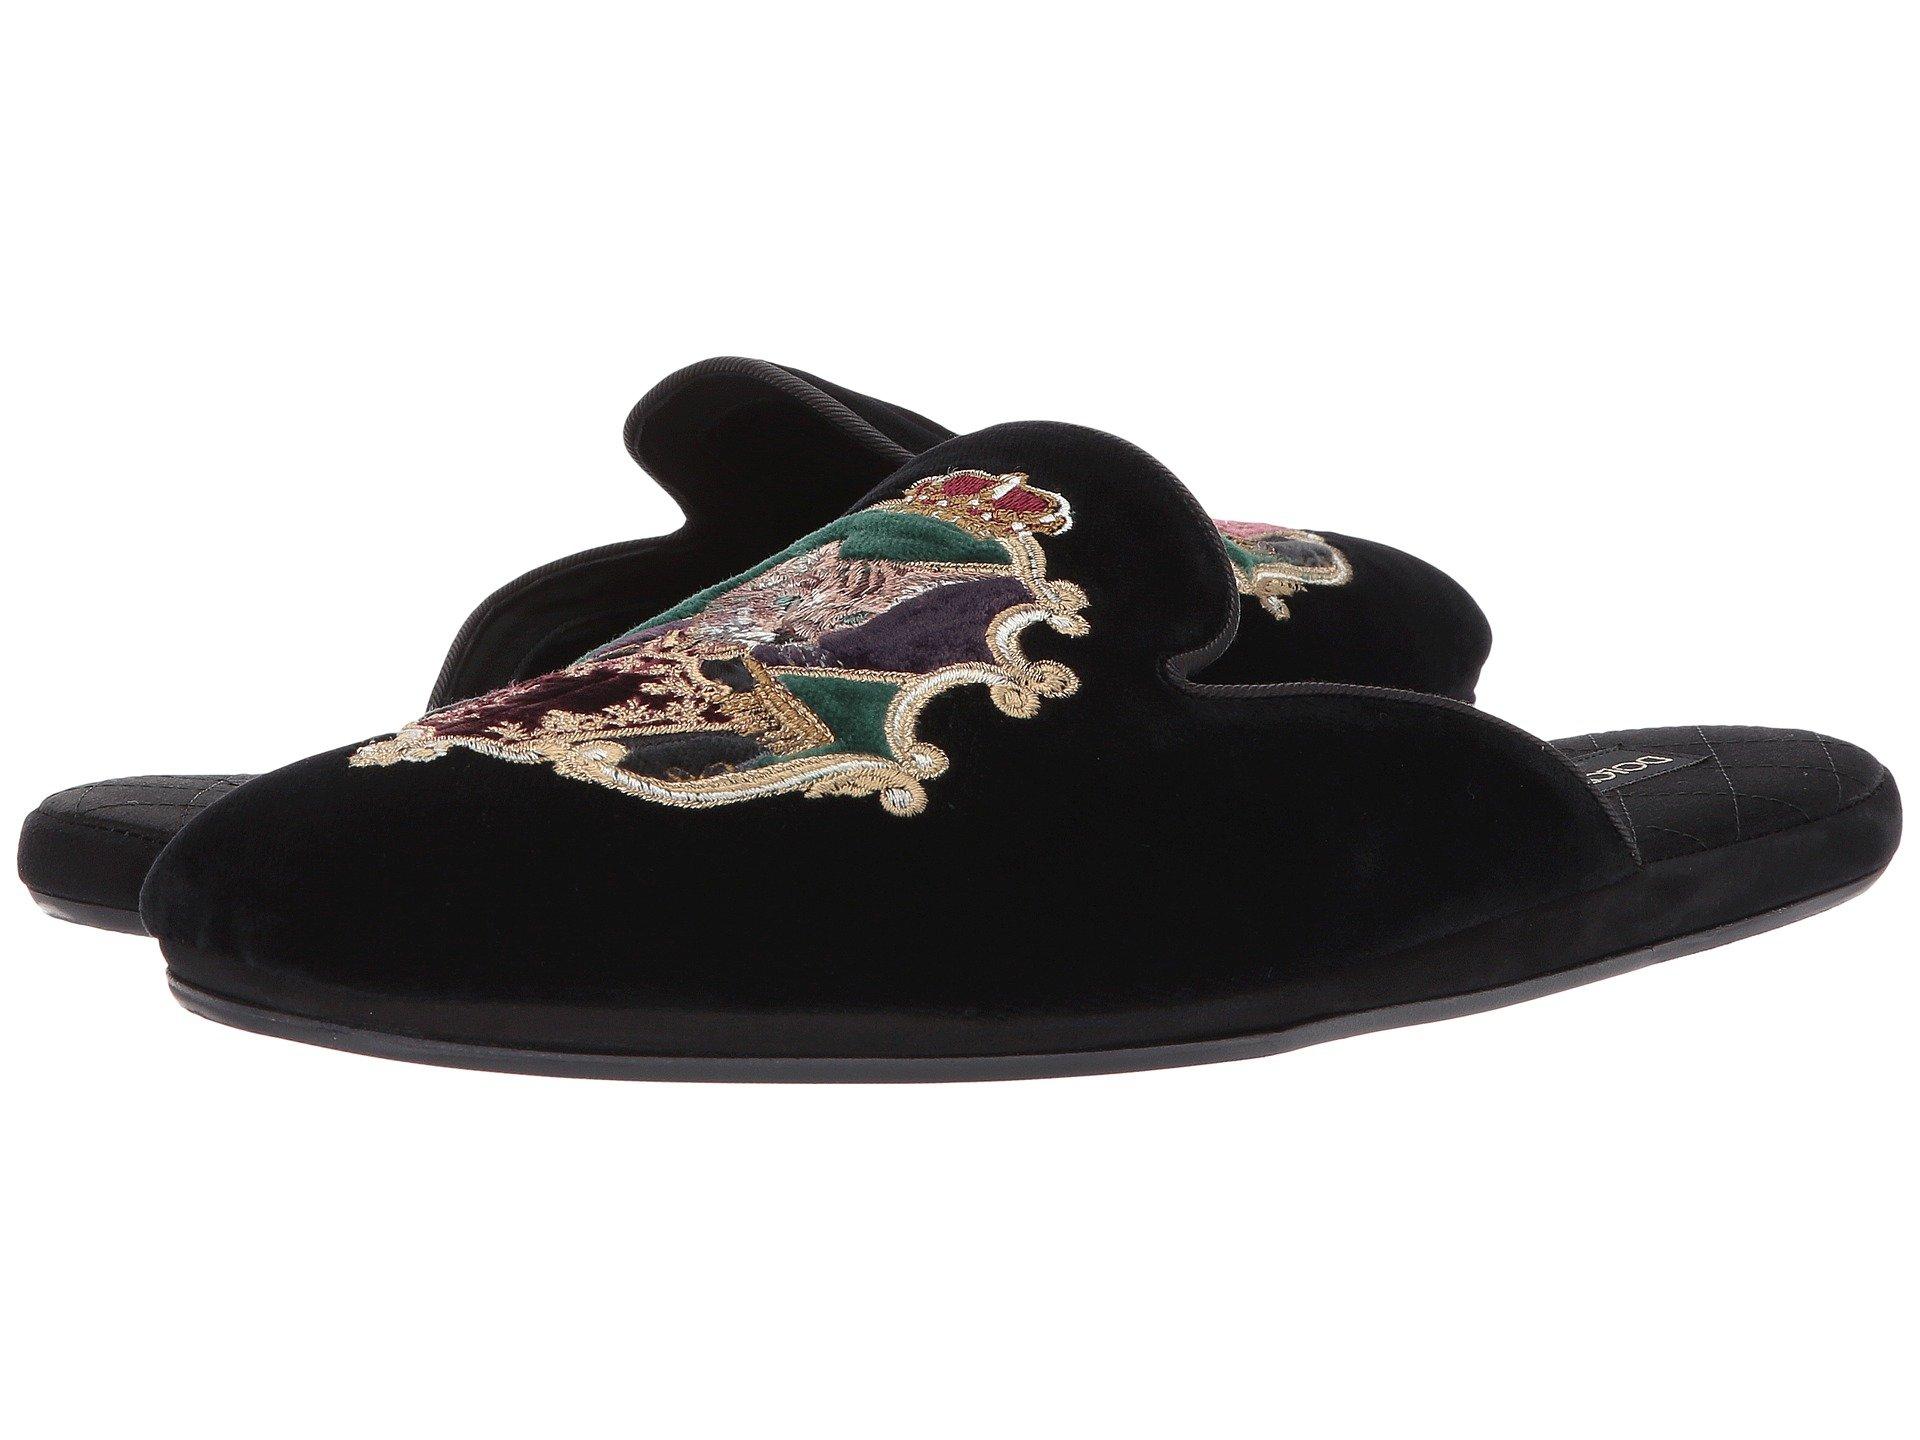 Calzado Sin Talon para Hombre Dolce and Gabbana Coat of Arms Slide  + Dolce & Gabbana en VeoyCompro.net